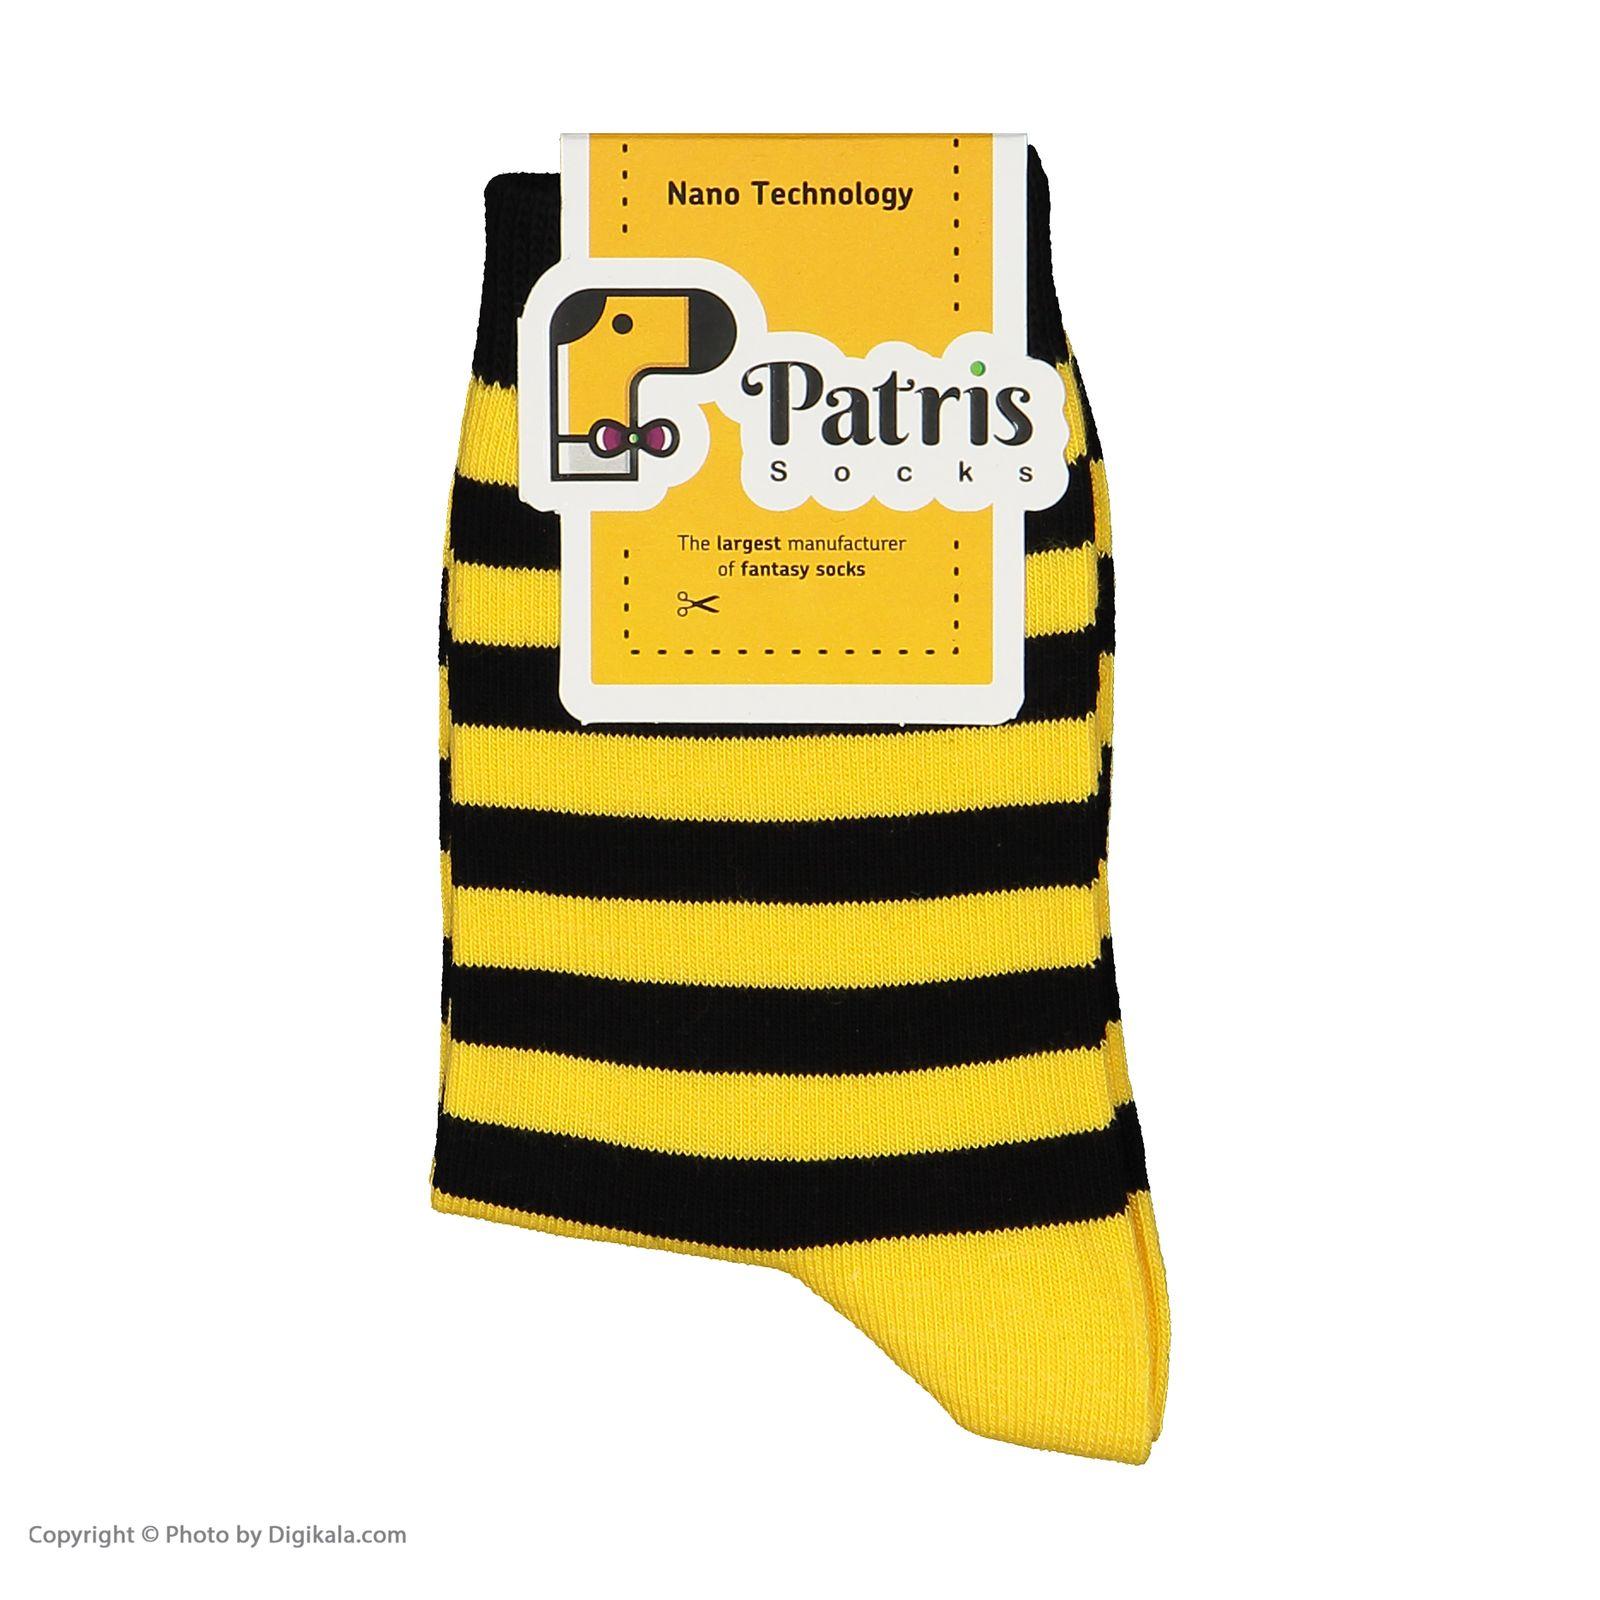 جوراب بچگانه پاتریس طرح زنبوری مدل 2271193-16 -  - 5